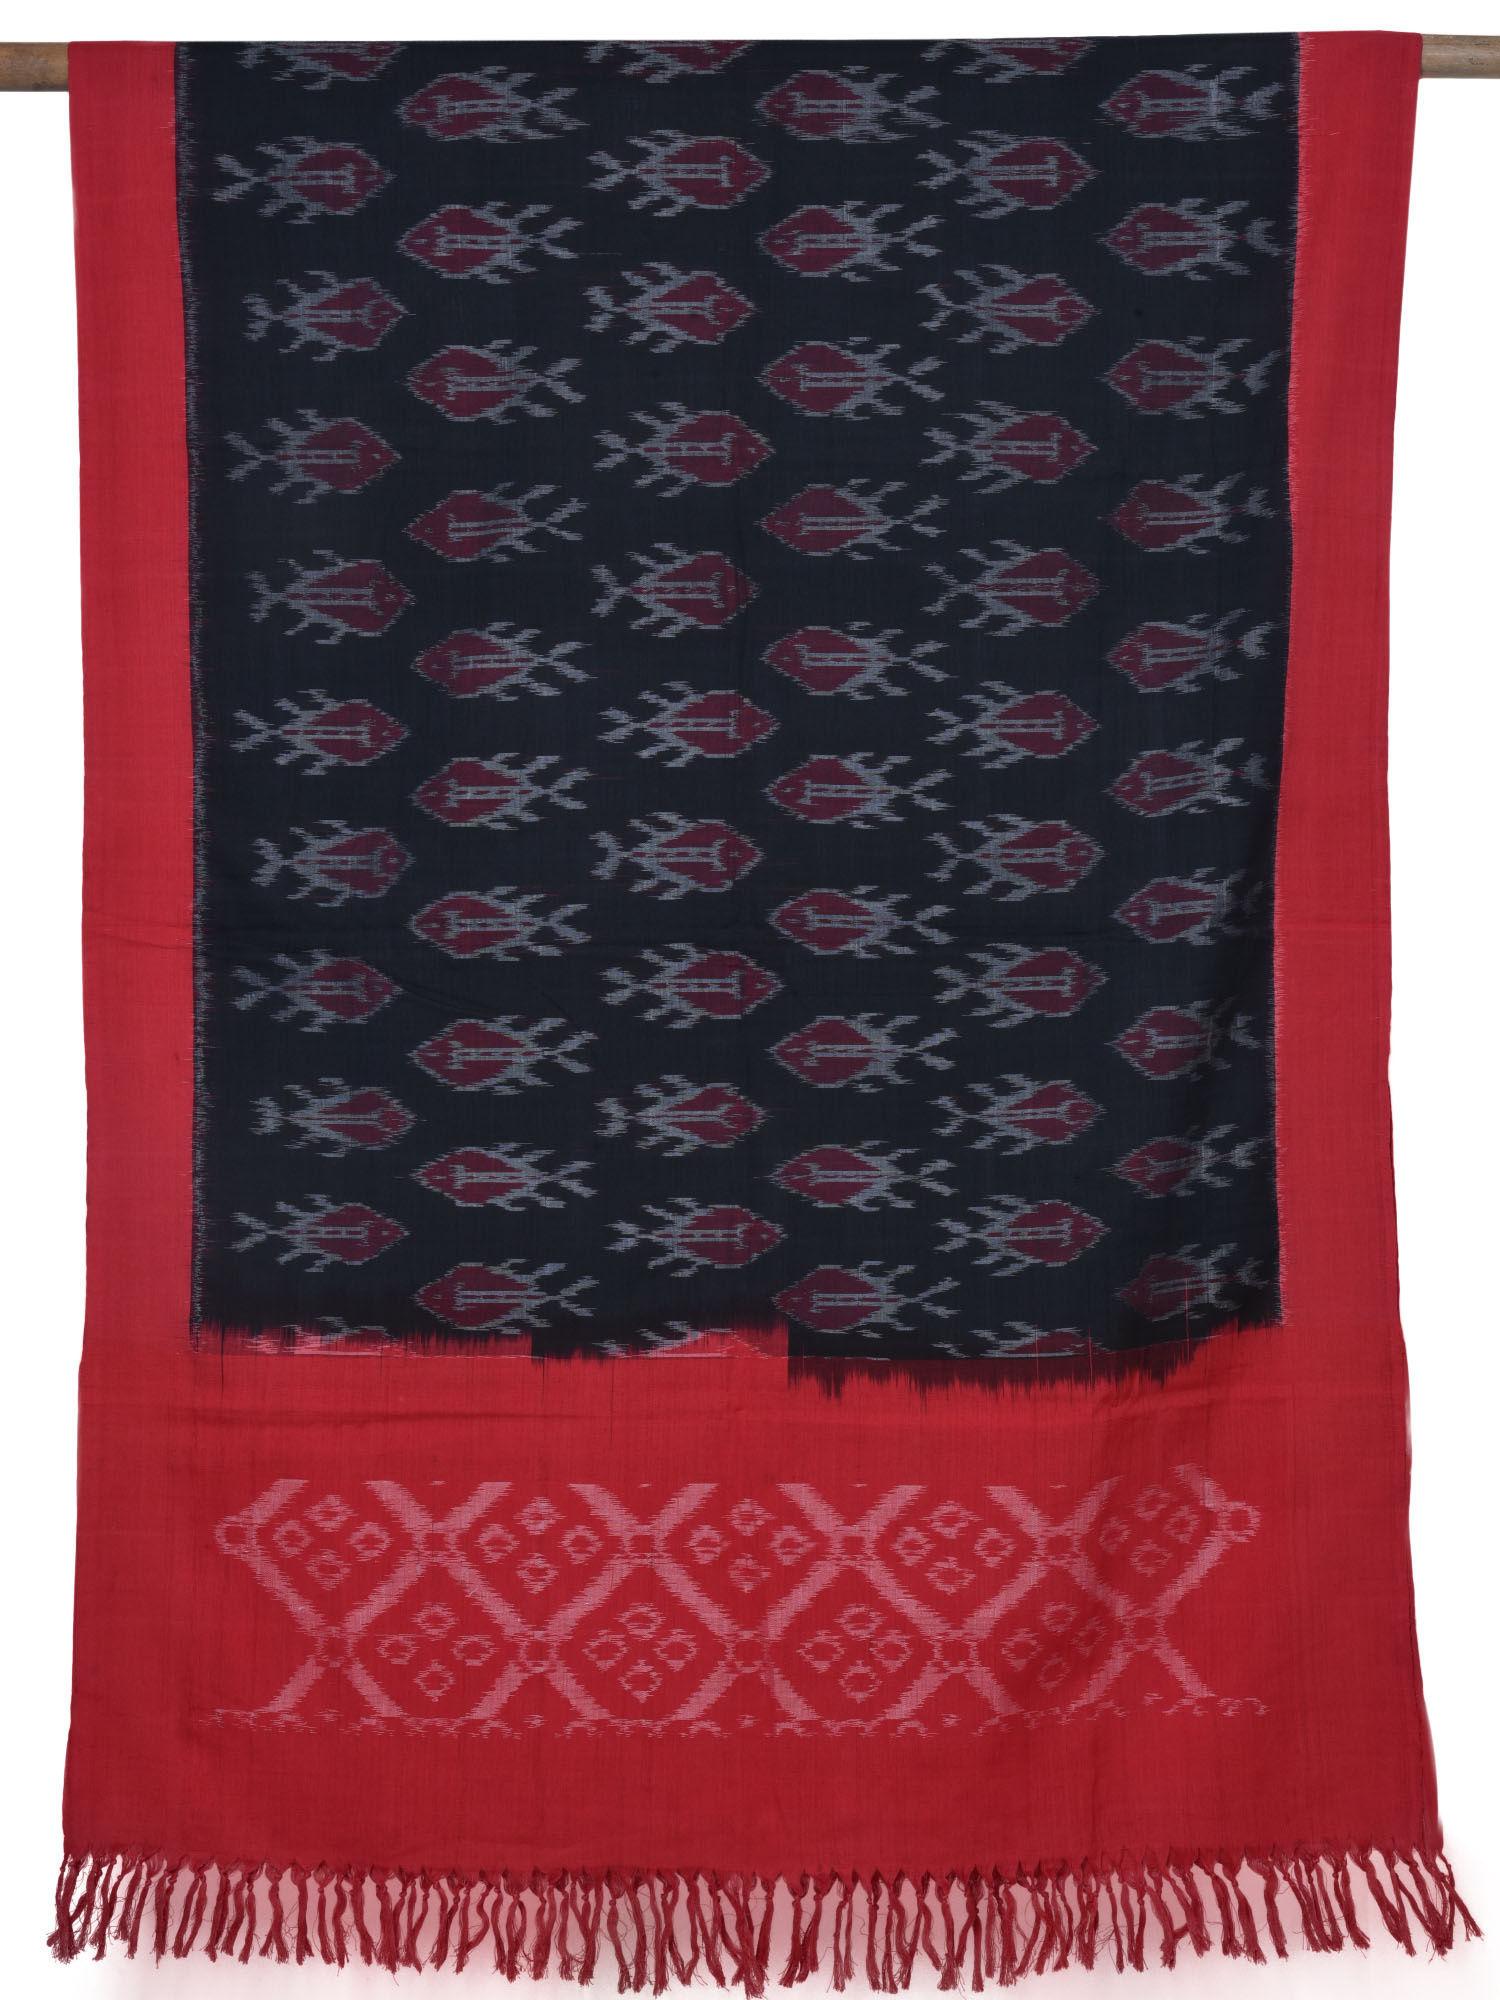 a9ad922804f103 Blue Pochampally Ikat Cotton Handloom Stole - Uppada Sarees - 2783941